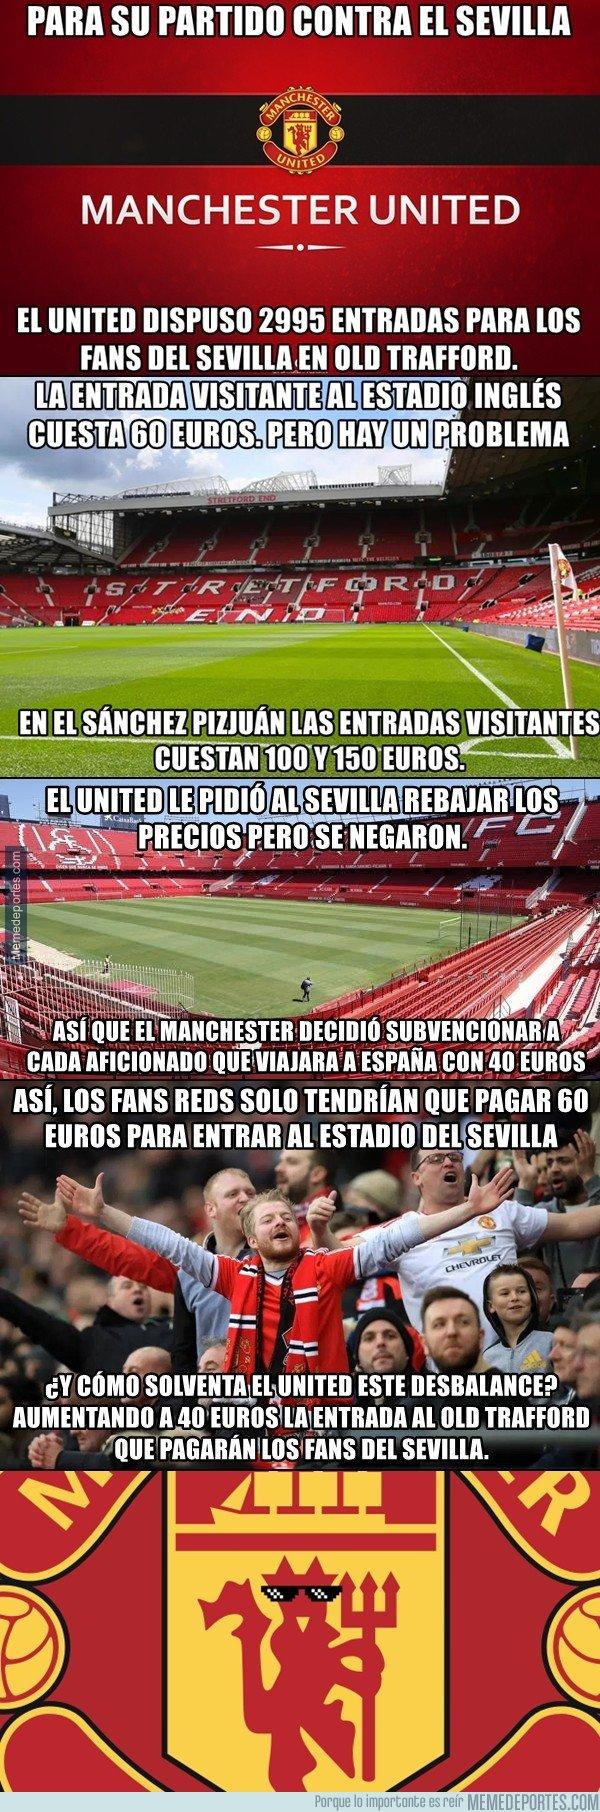 1015724 - La venganza del Manchester United contra el Sevilla por el elevado precio que les cobran por sus entradas